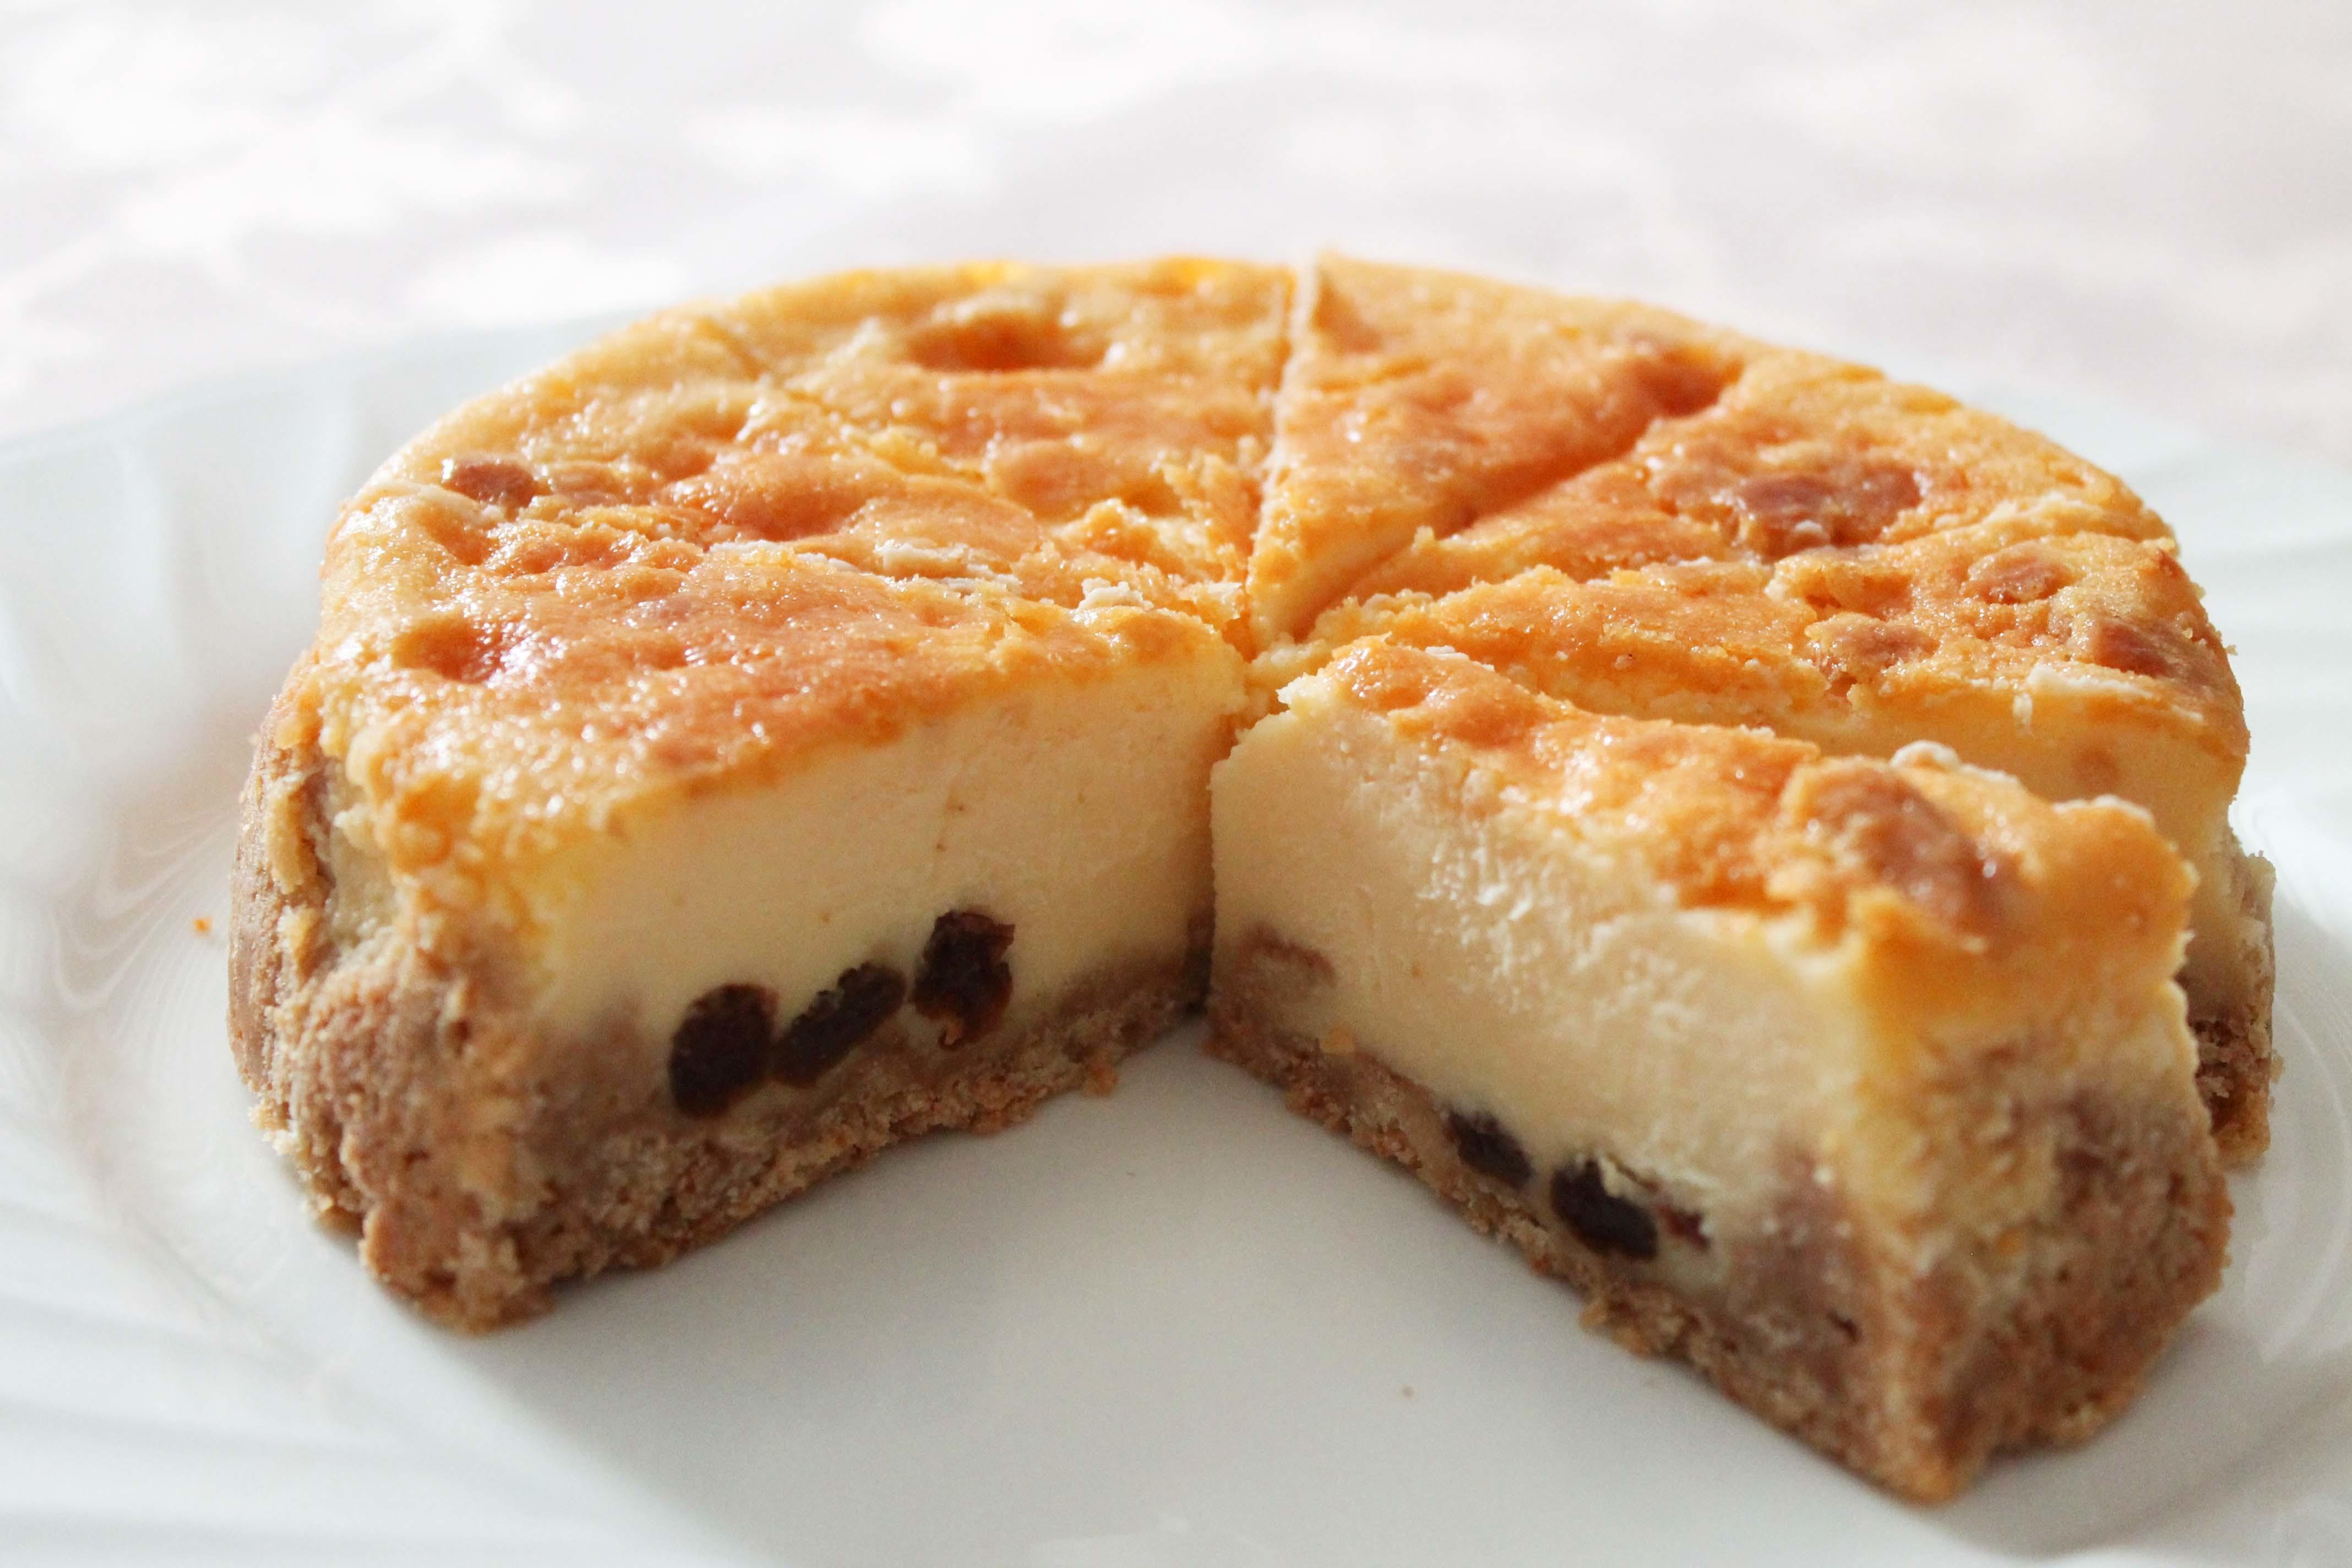 ニューヨークスタイル「チーズケーキ」_d0377645_23204708.jpg